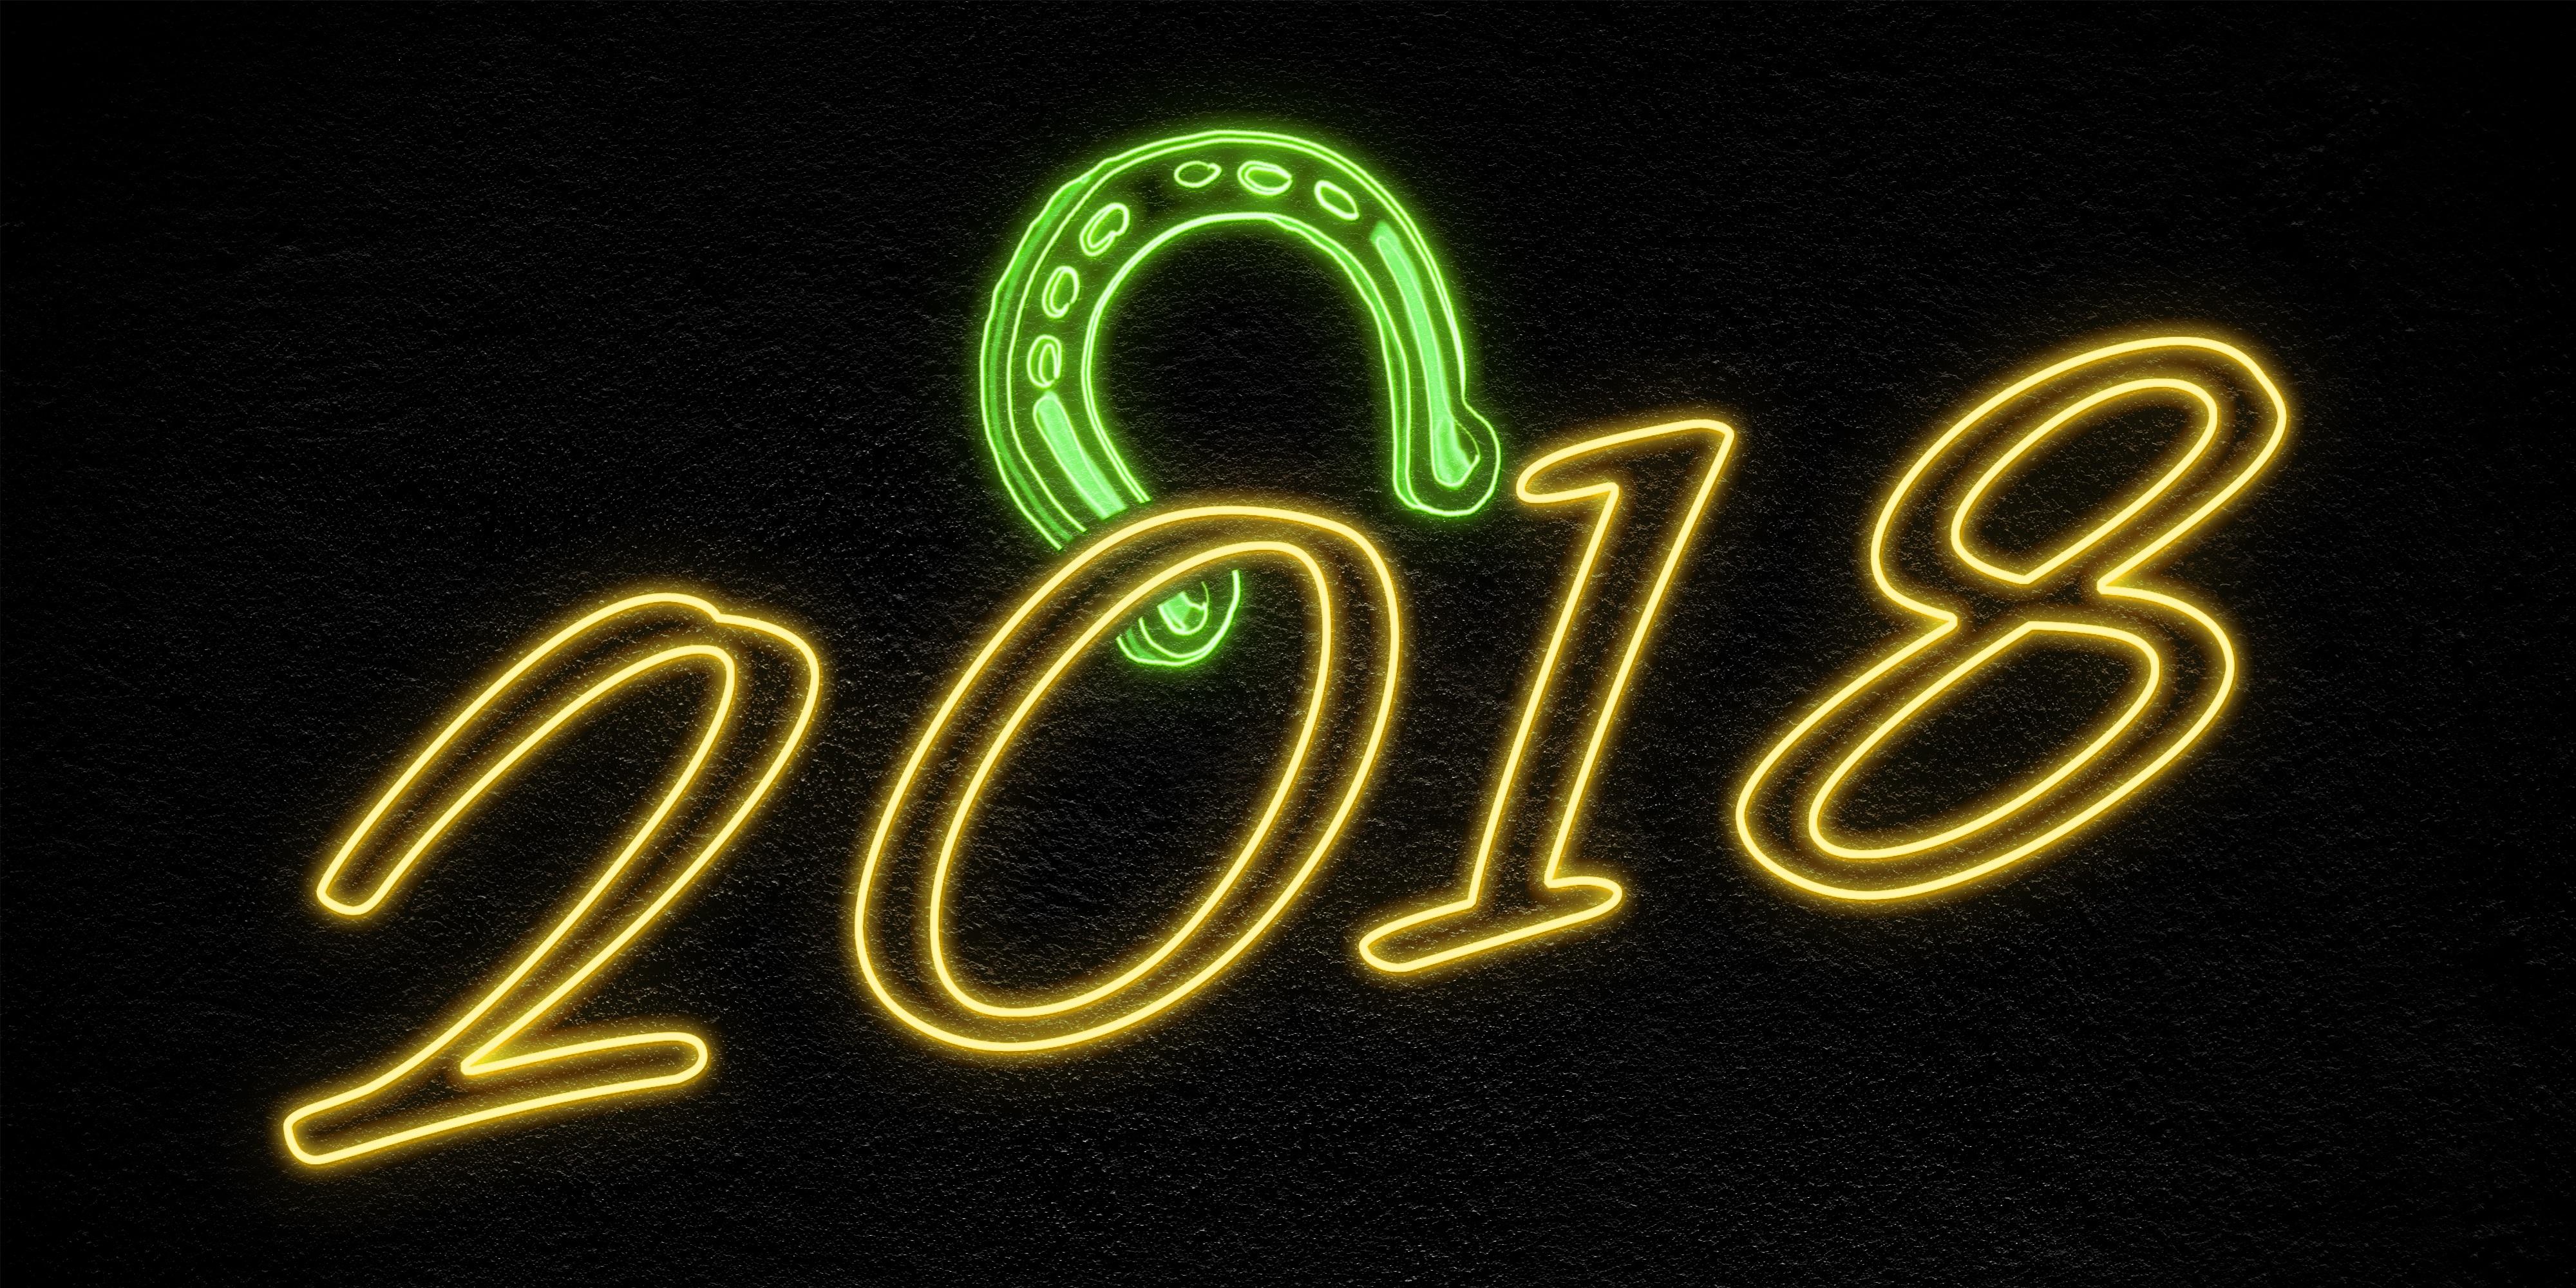 Happy New Year 2018 4k